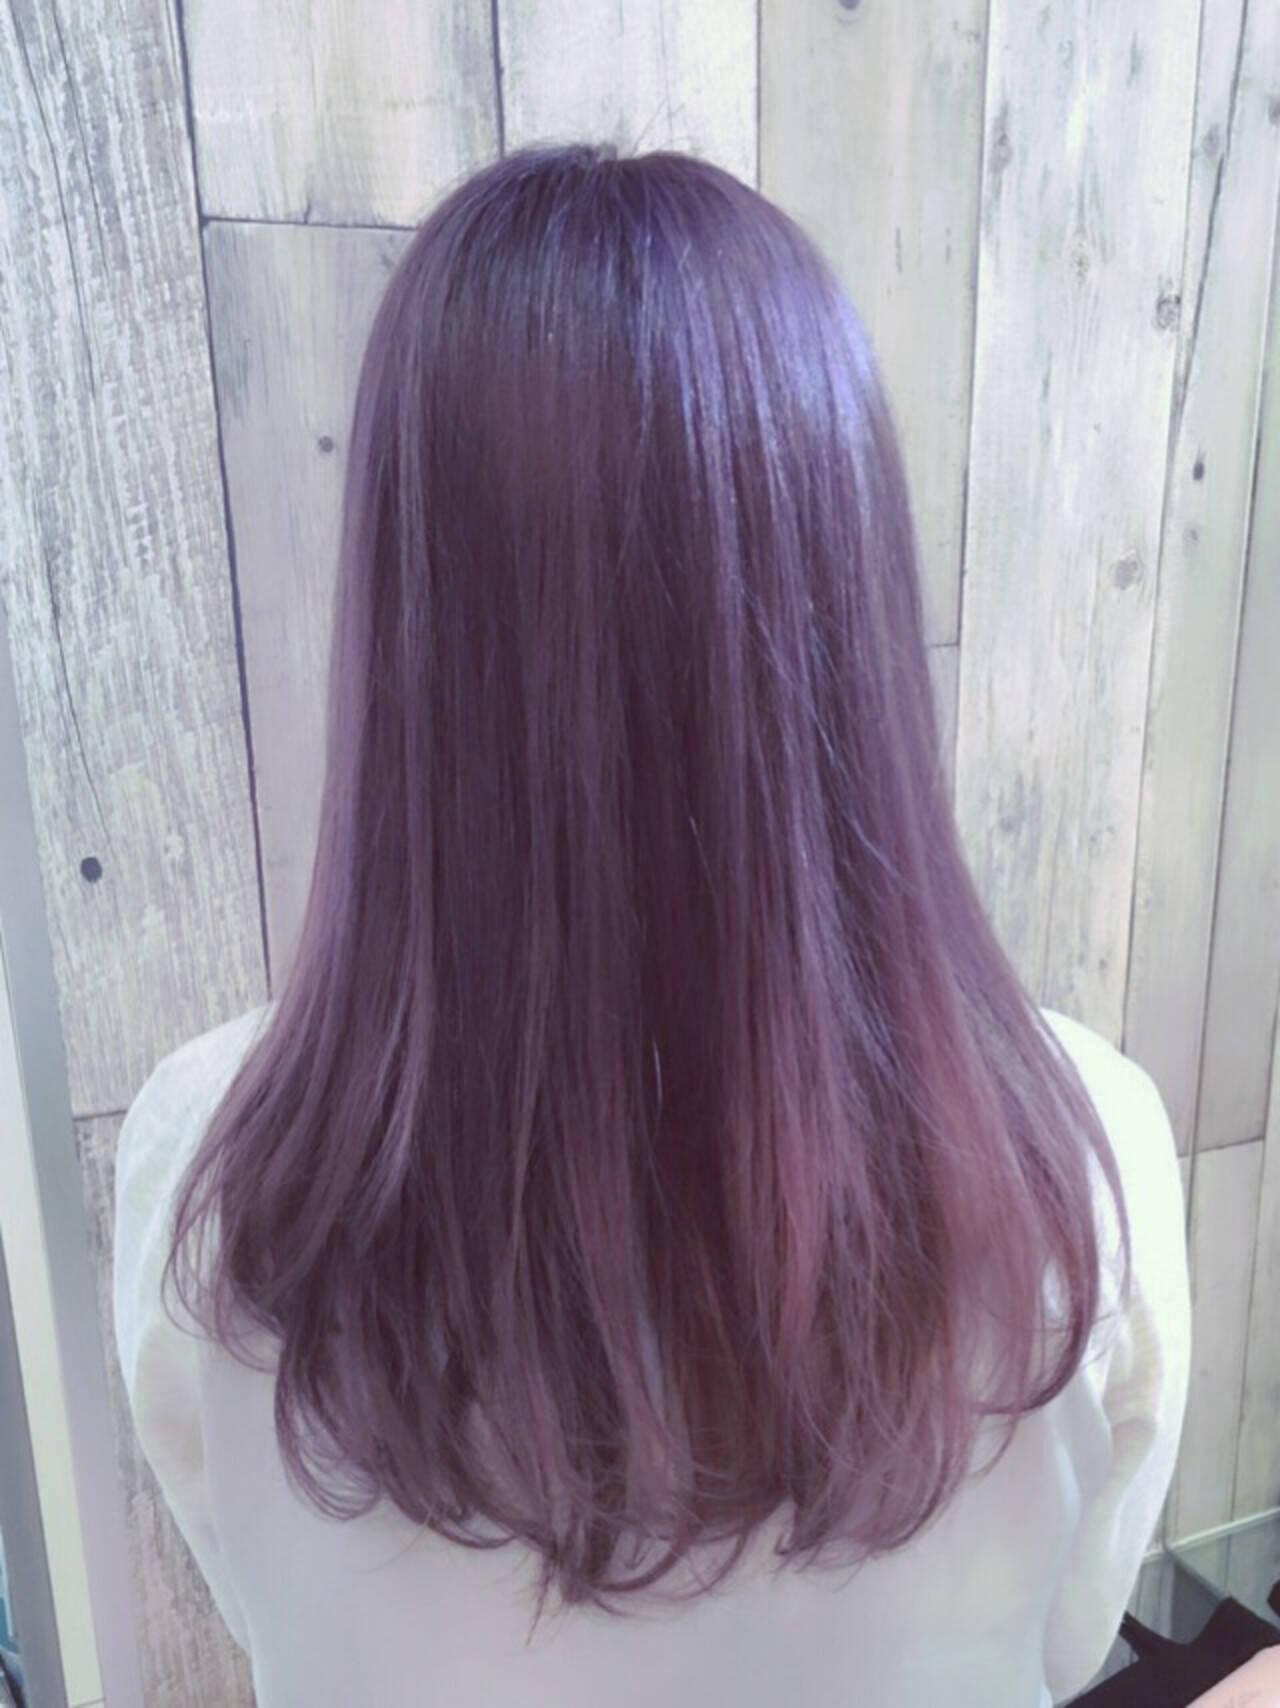 女子ウケ セミロング 透明感カラー 春色ヘアスタイルや髪型の写真・画像